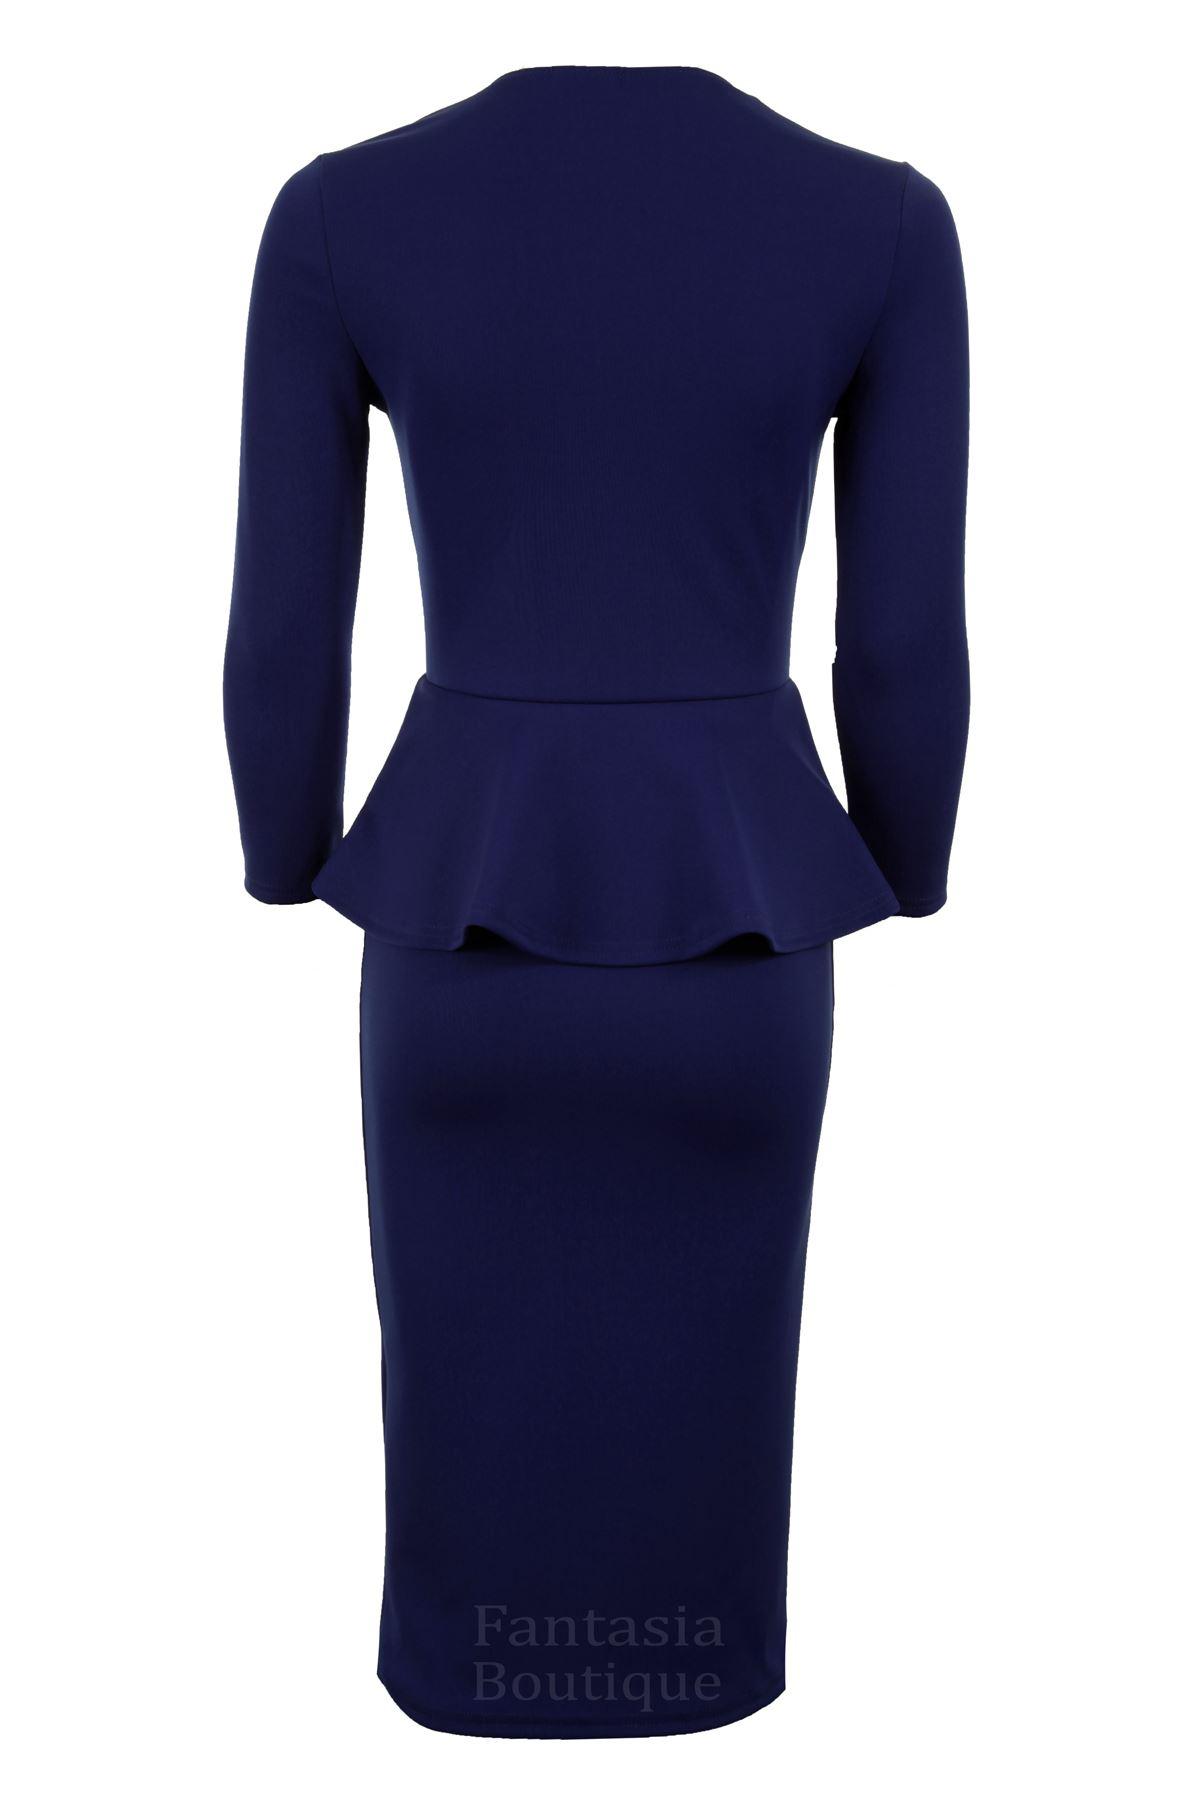 Ladies 3/4 Sleeve V Neck Peplum Skirt Knee Length Midi Women's Dress 8-24